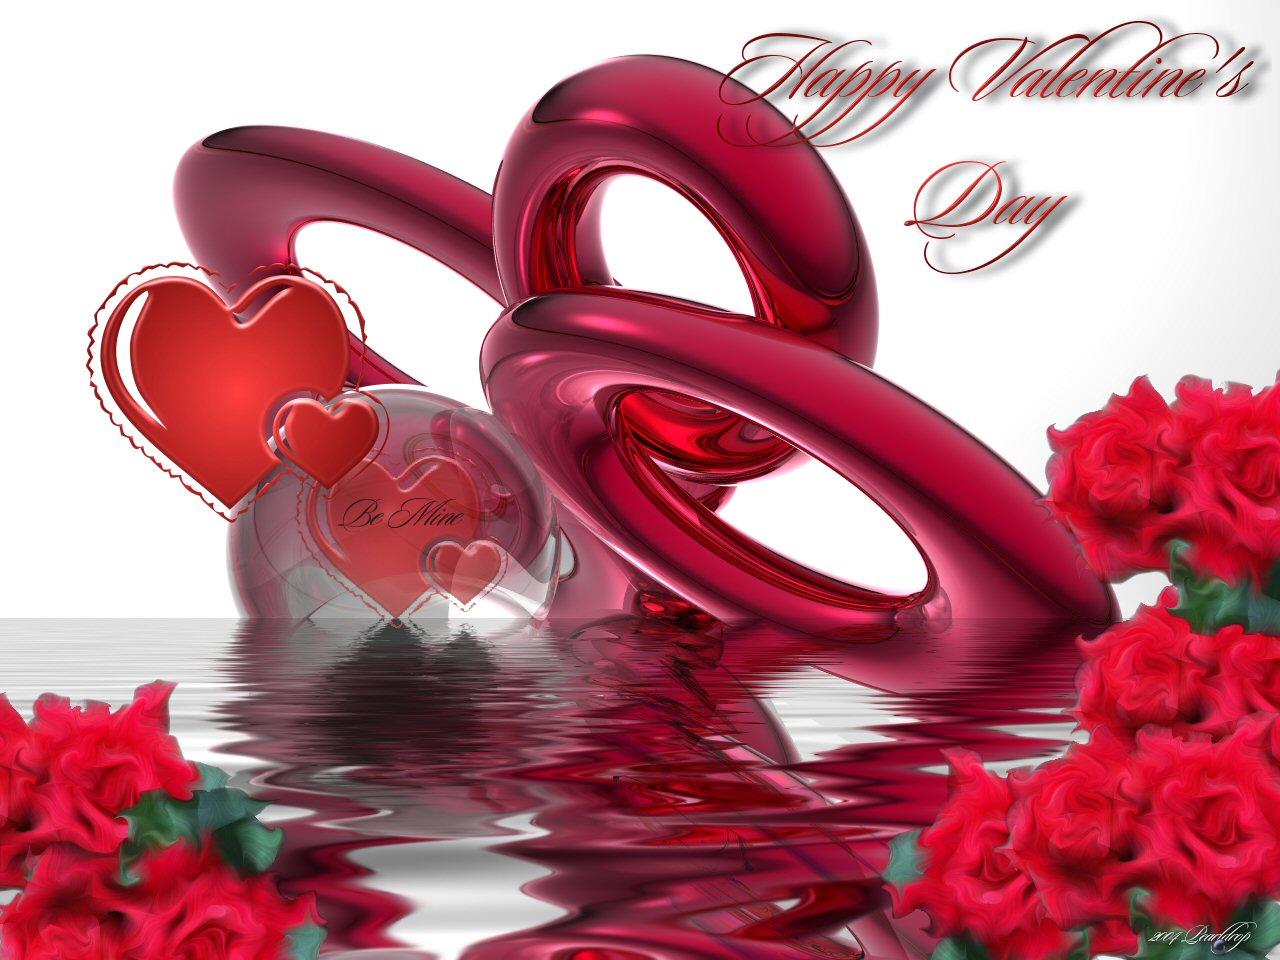 http://4.bp.blogspot.com/-1eOIe2s3KQk/Tq6dQ7iq5BI/AAAAAAAAA_E/_lmoI6-DkWM/s1600/Valentines-Day-Wallpapers.jpg